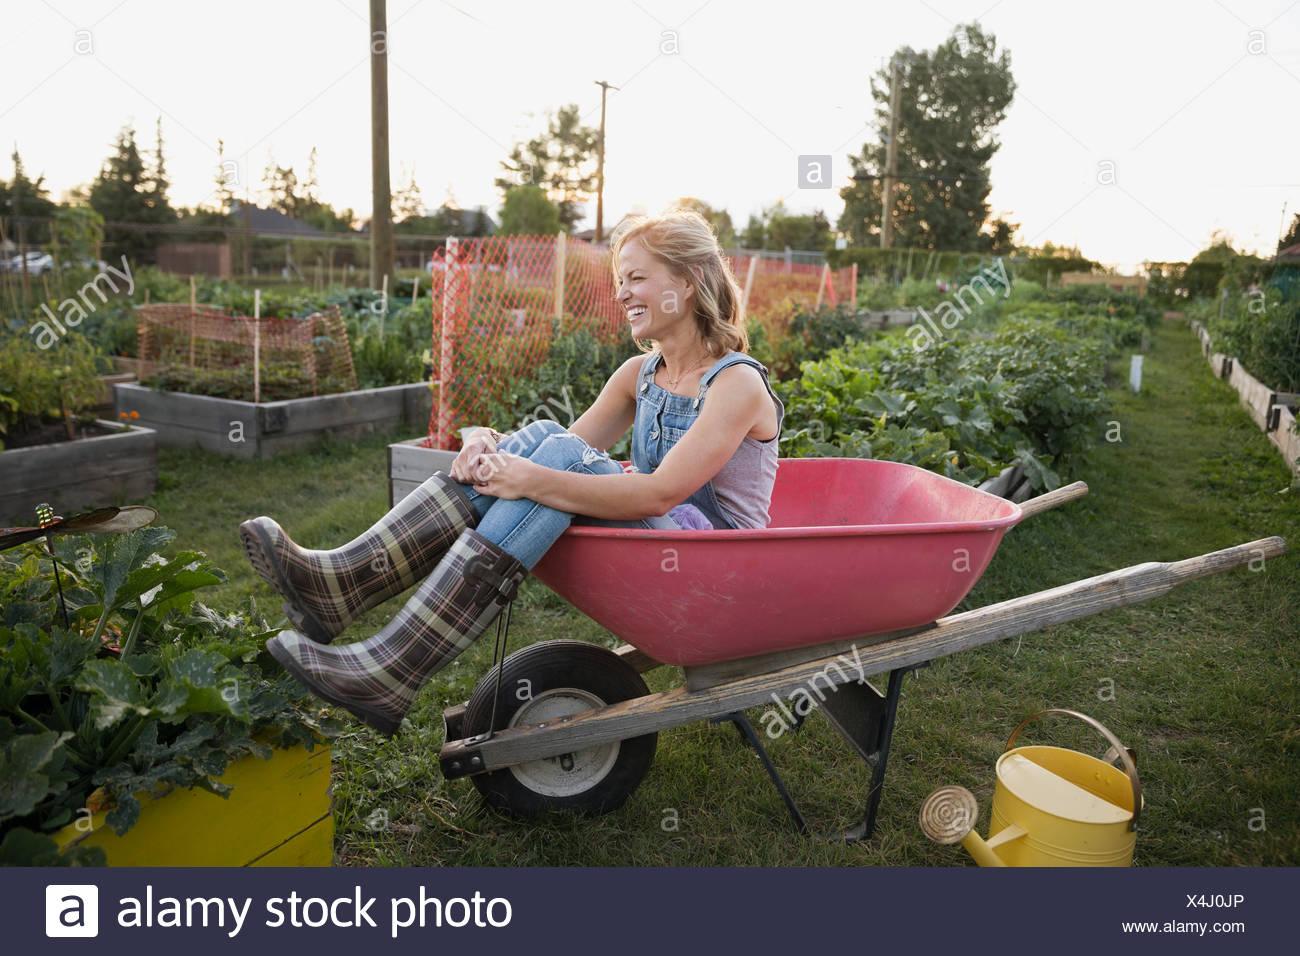 Lächelnde Frau karierte Gummistiefel sitzen Schubkarre Garten Stockbild